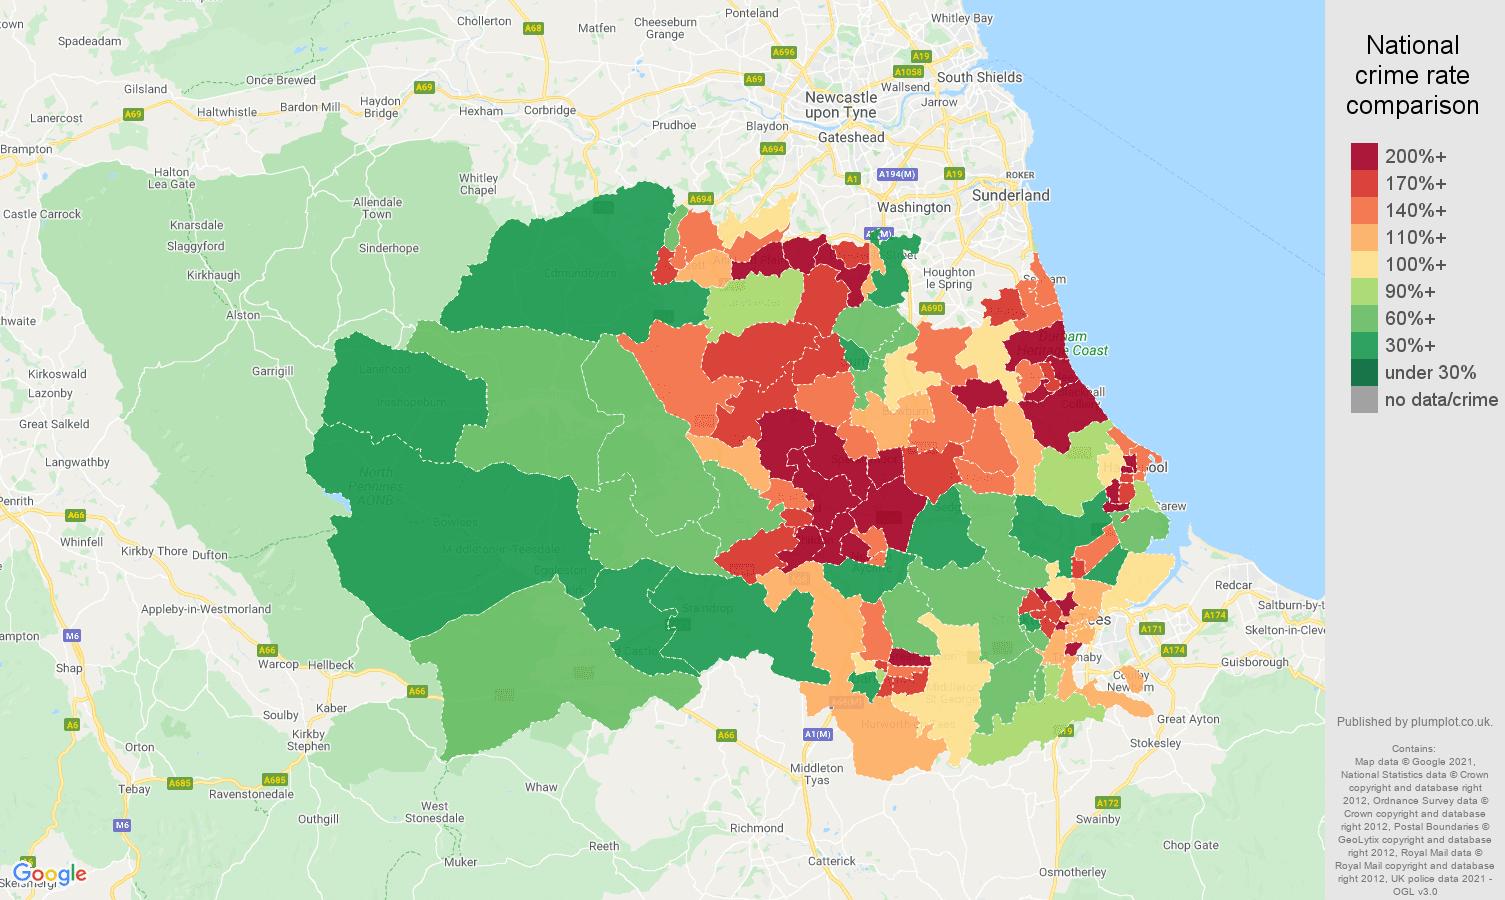 Durham county violent crime rate comparison map